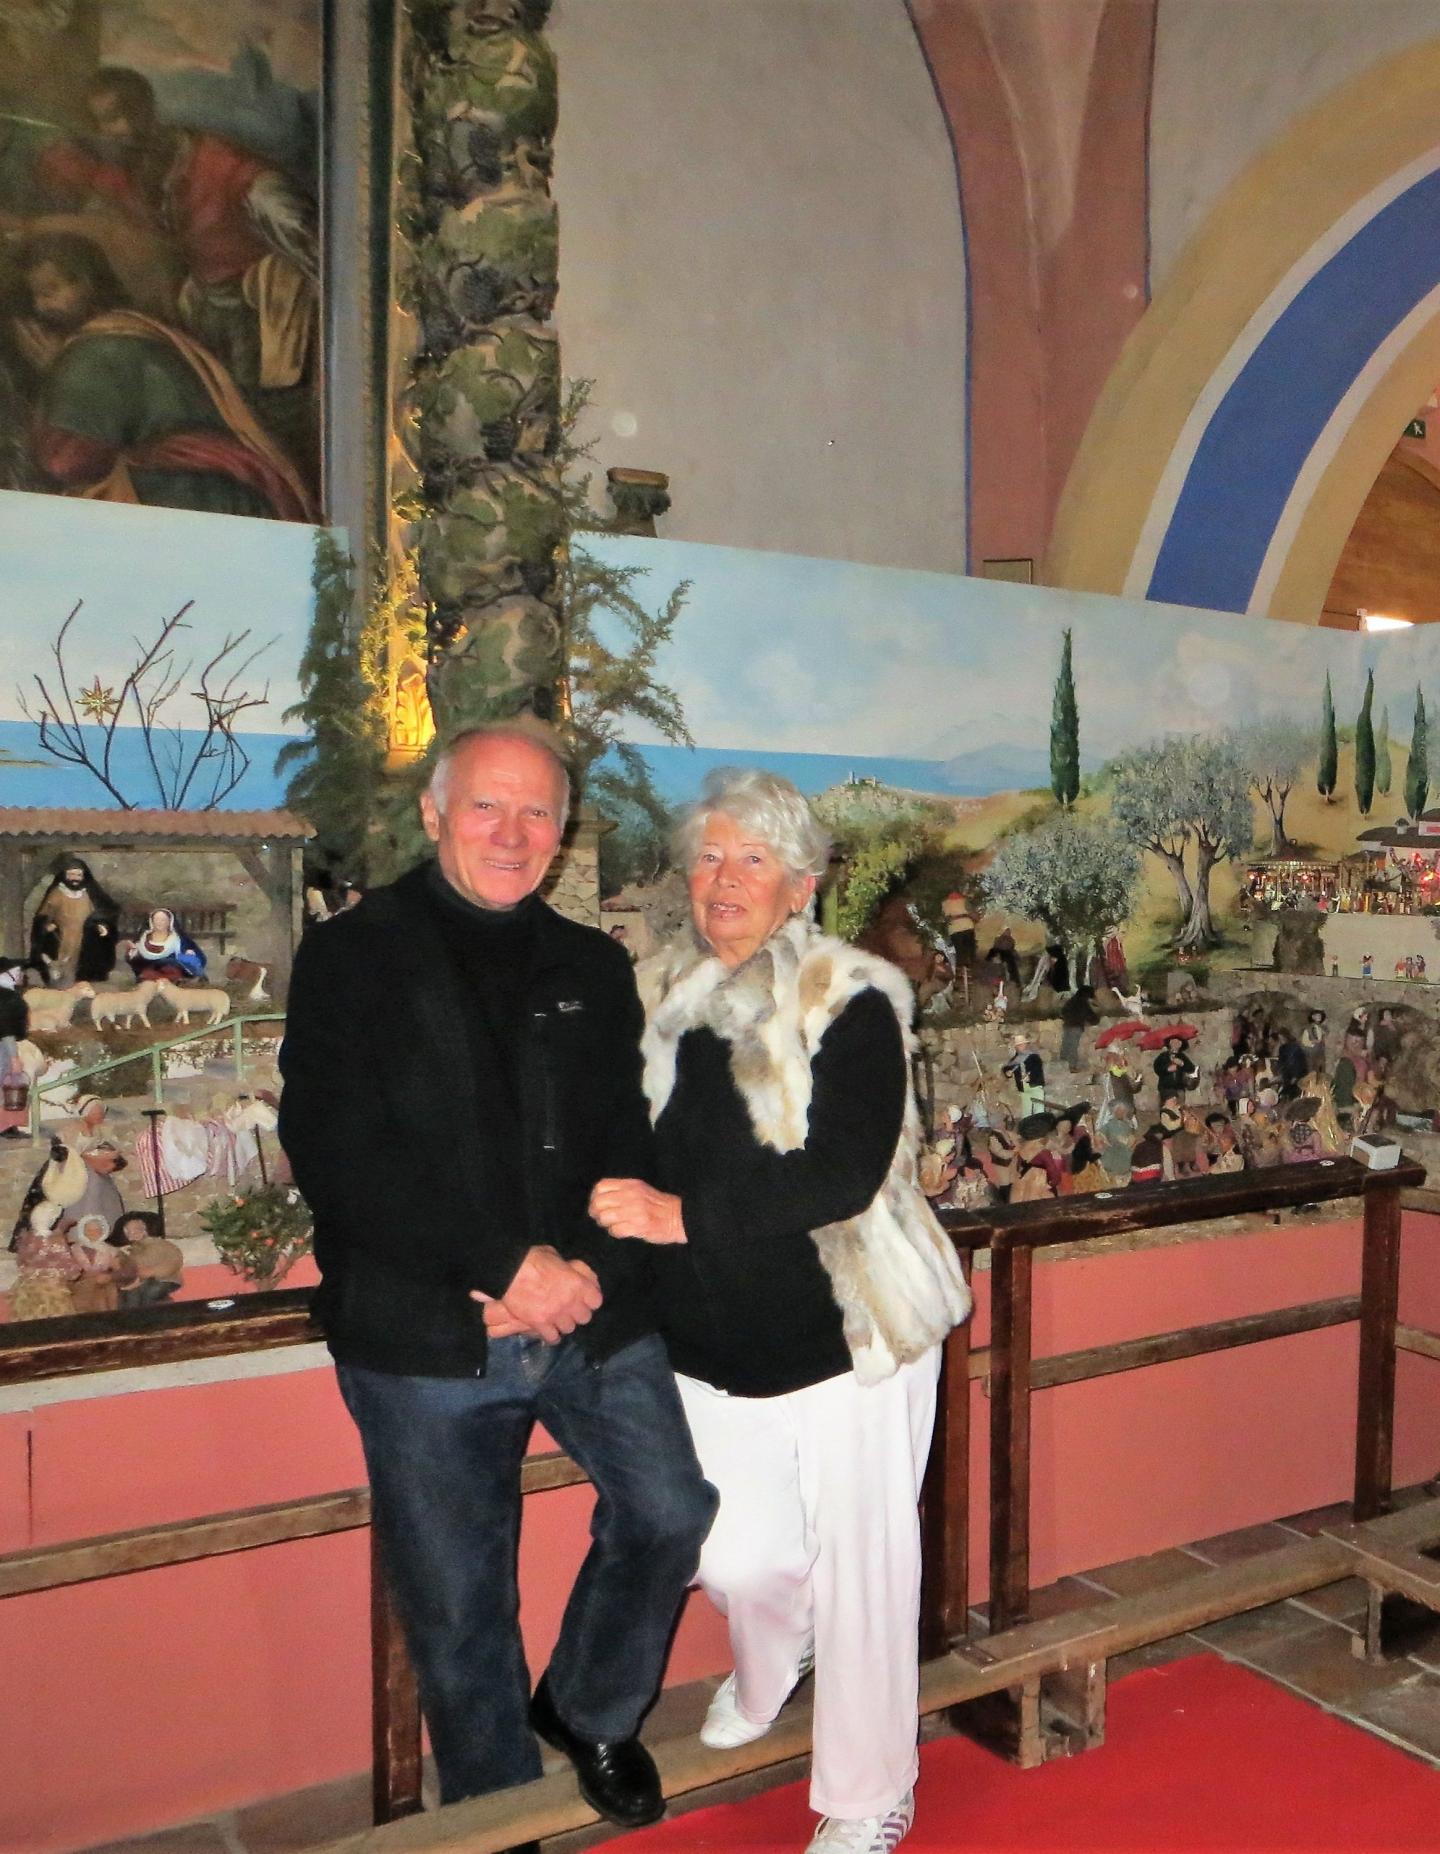 Jacques et Jacqueline Cessin, les heureux parents de cette somptueuse crèche.